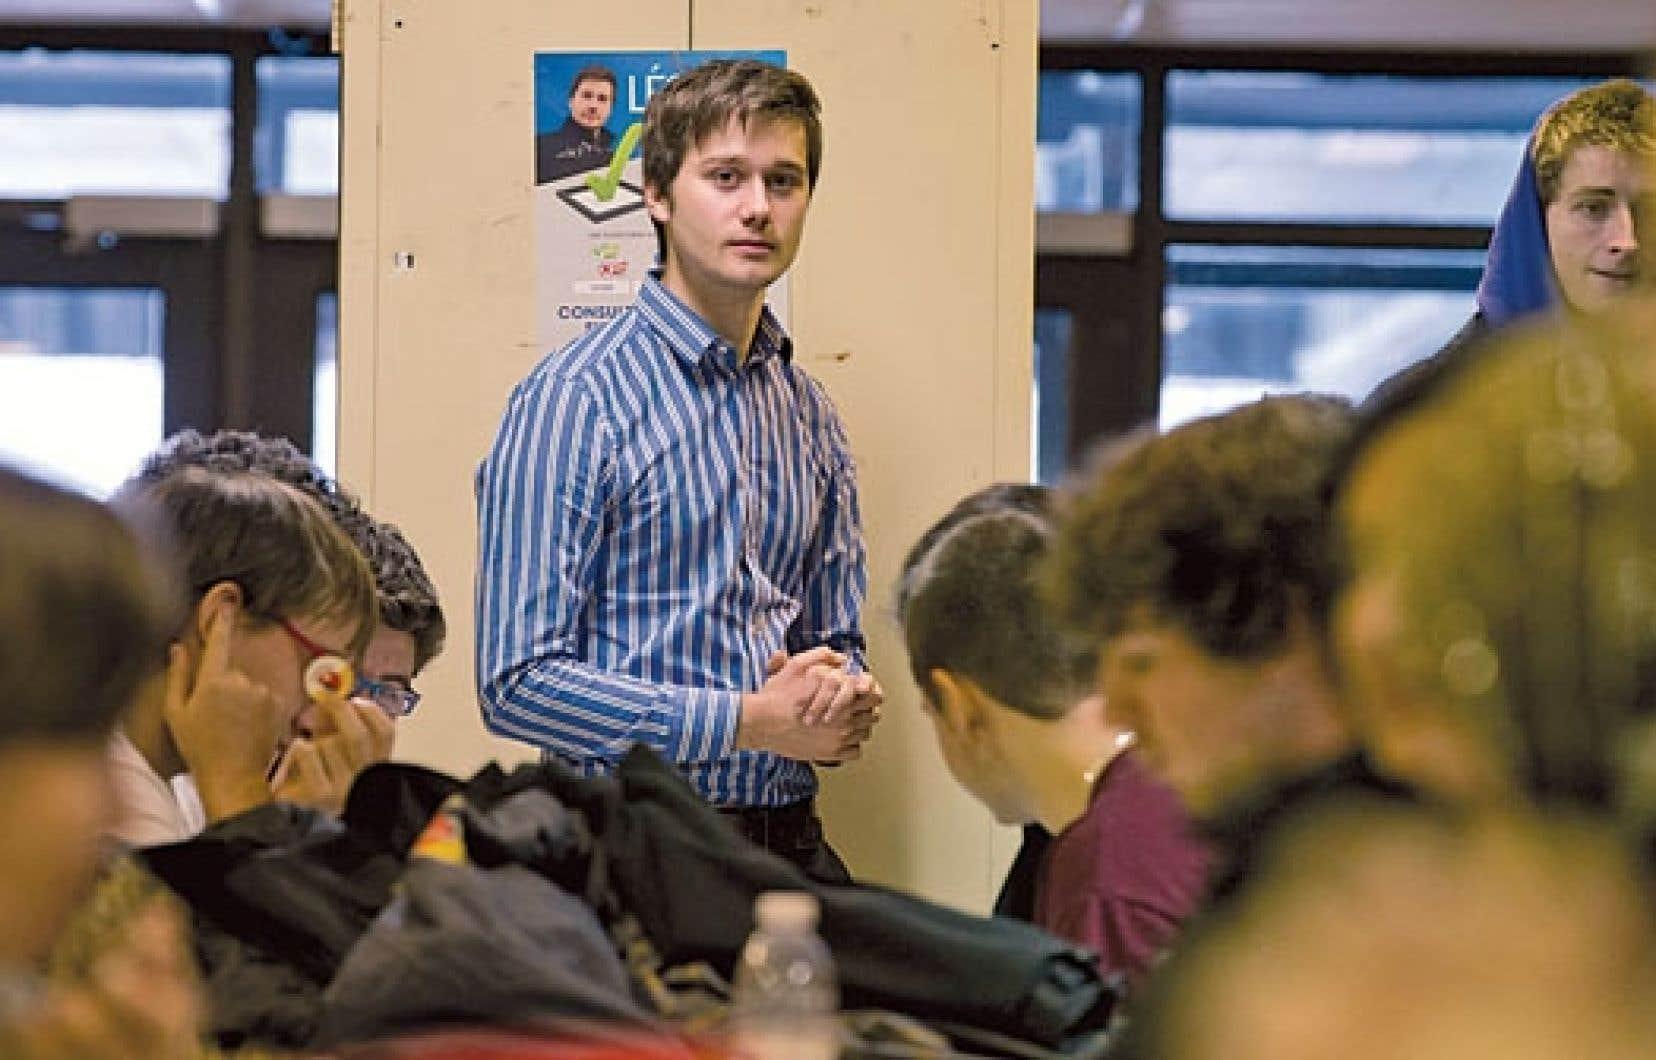 La plateforme lancée par le député de Laval-des-Rapides, Léo Bureau-Blouin, propose pour l'instant aux citoyens de se prononcer sur différents enjeux de société.